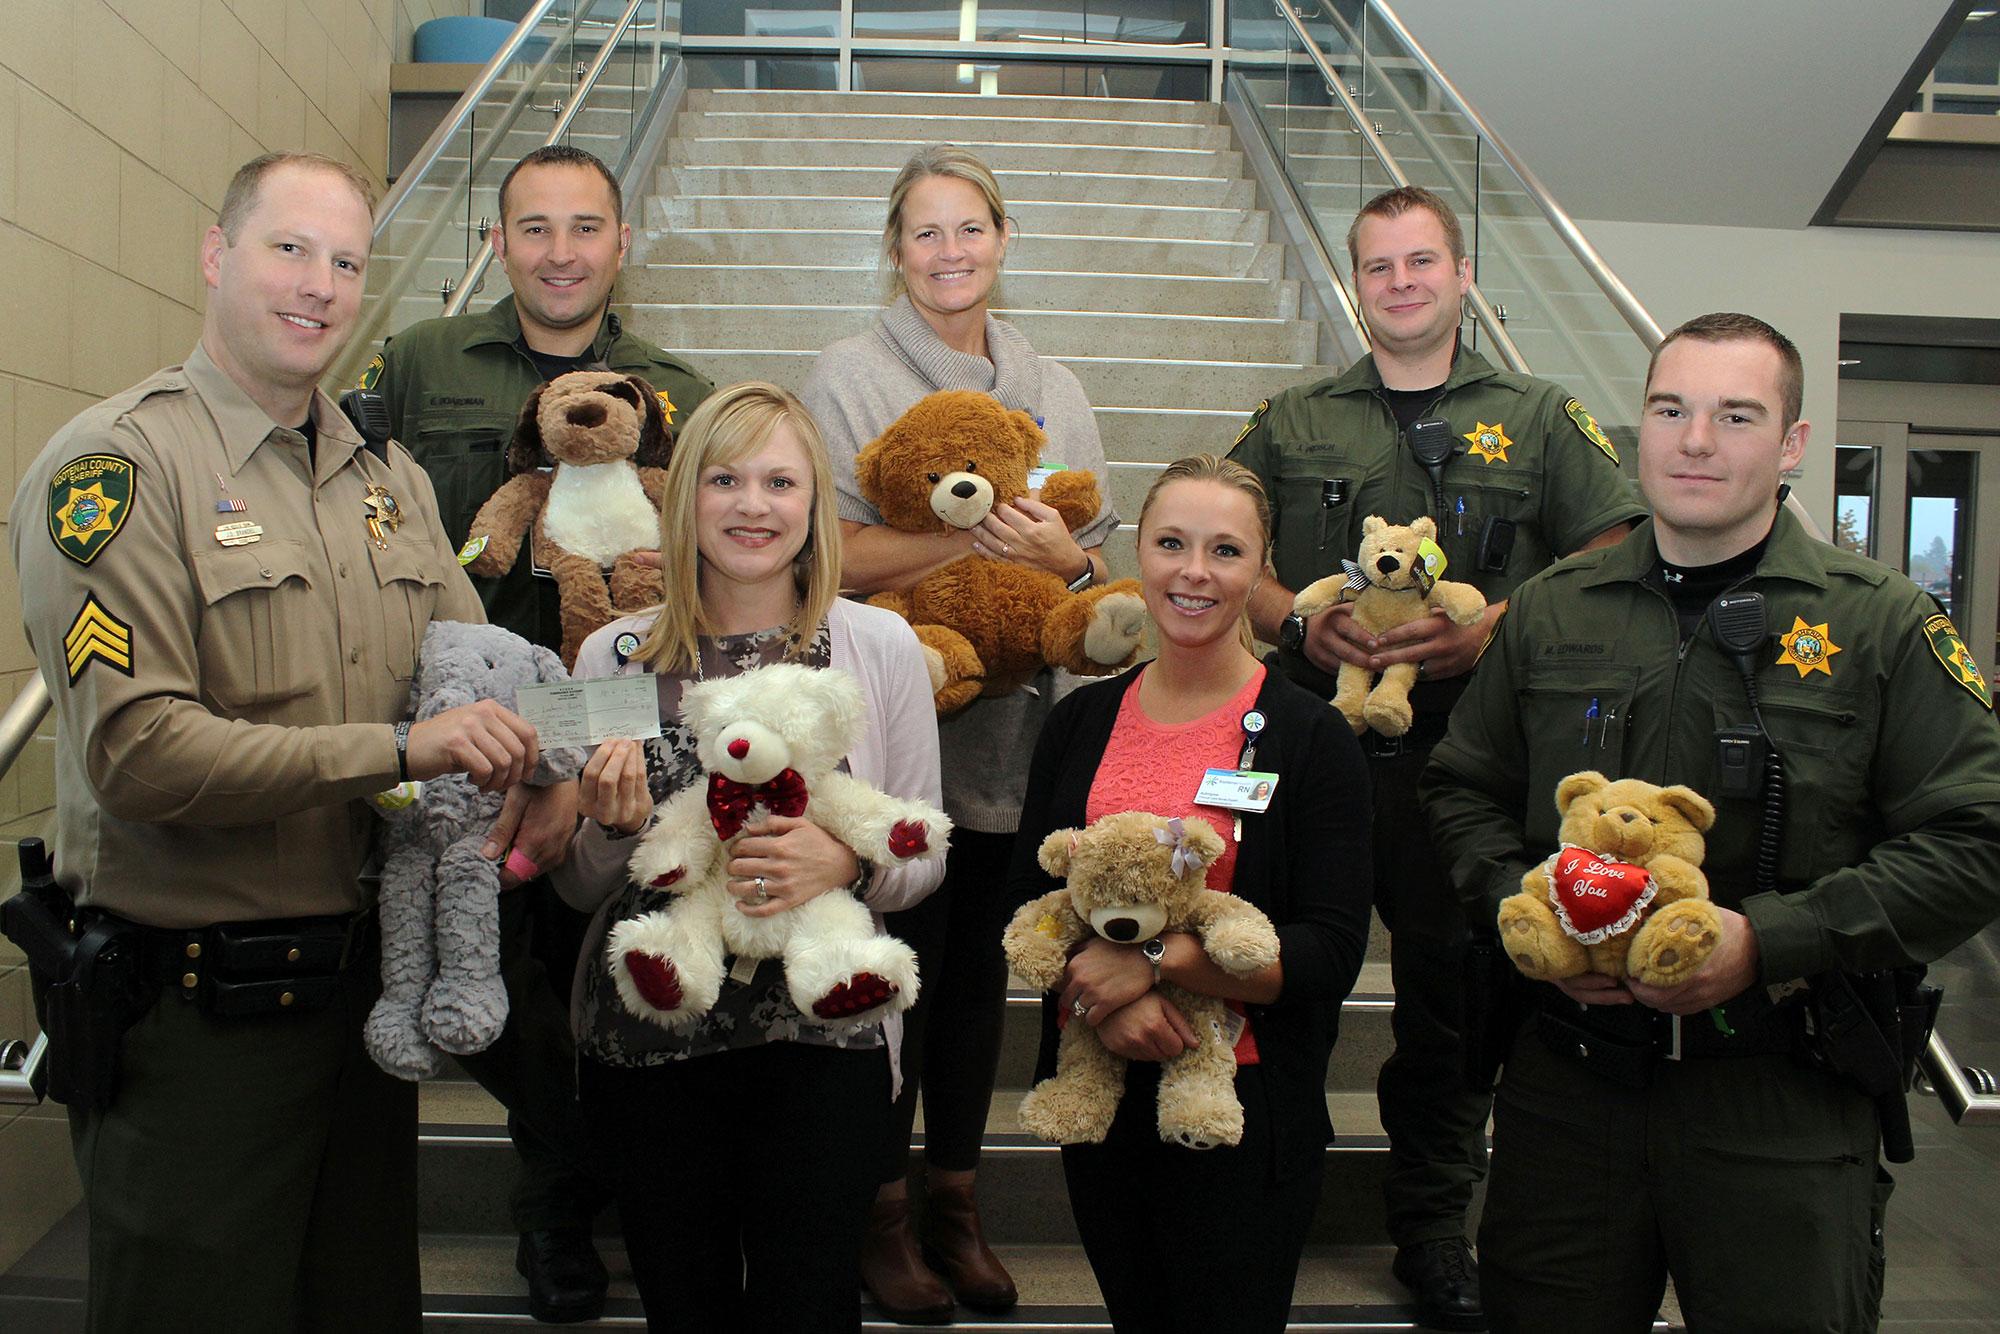 Kootenai County Deputy Sherriff Association Donates to Kootenai Health Teddy Bear Clinic